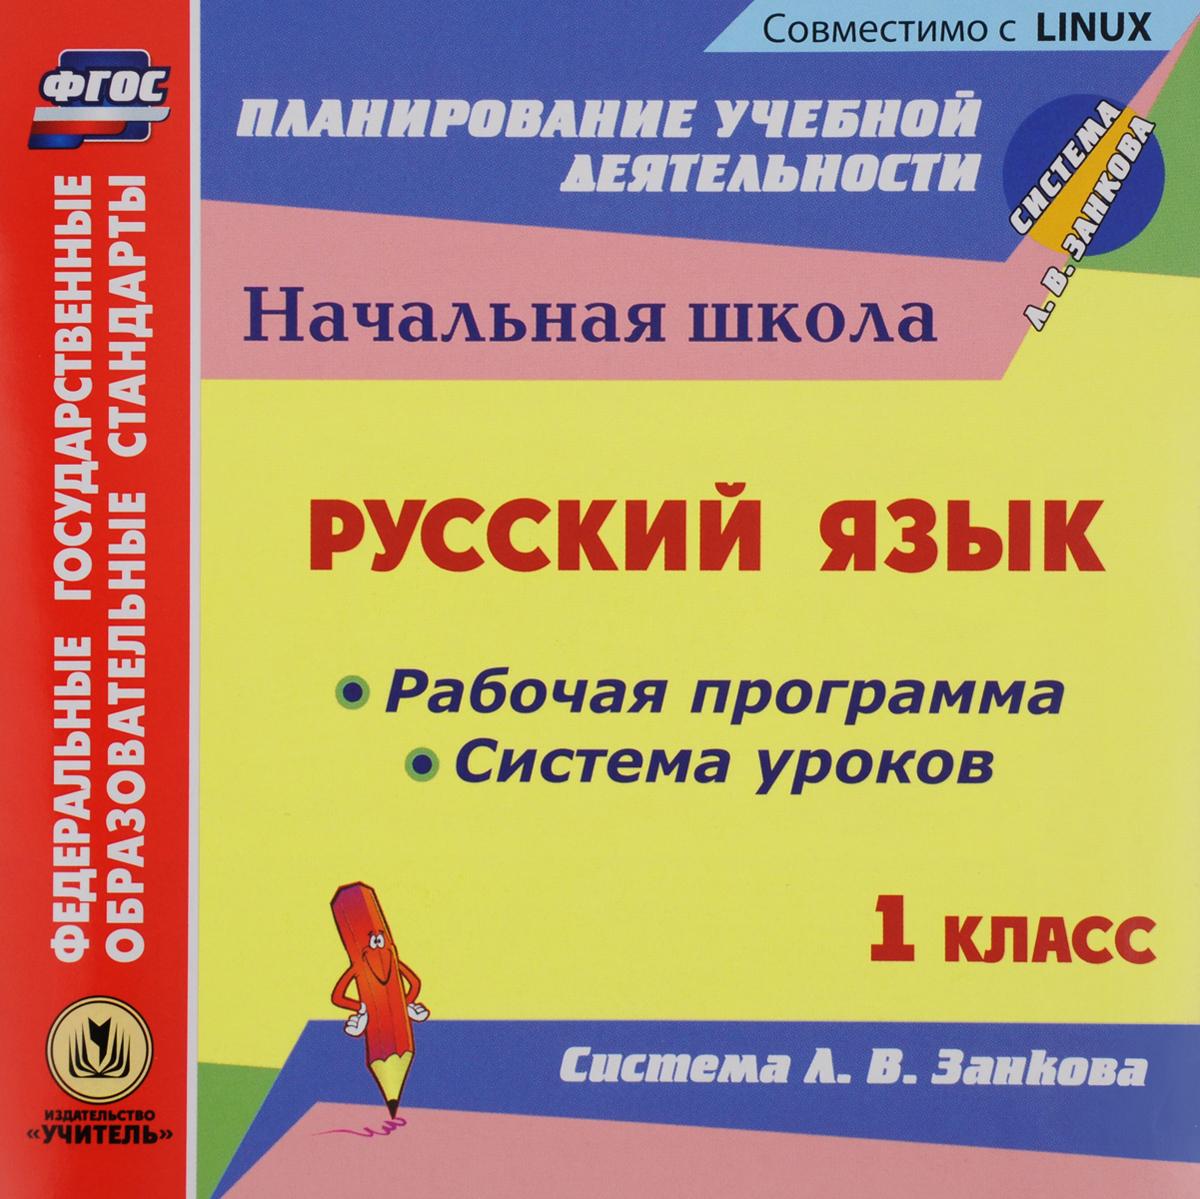 Рабочая программа и система уроков по системе Л. В. Занкова. Русский язык. 1 класс